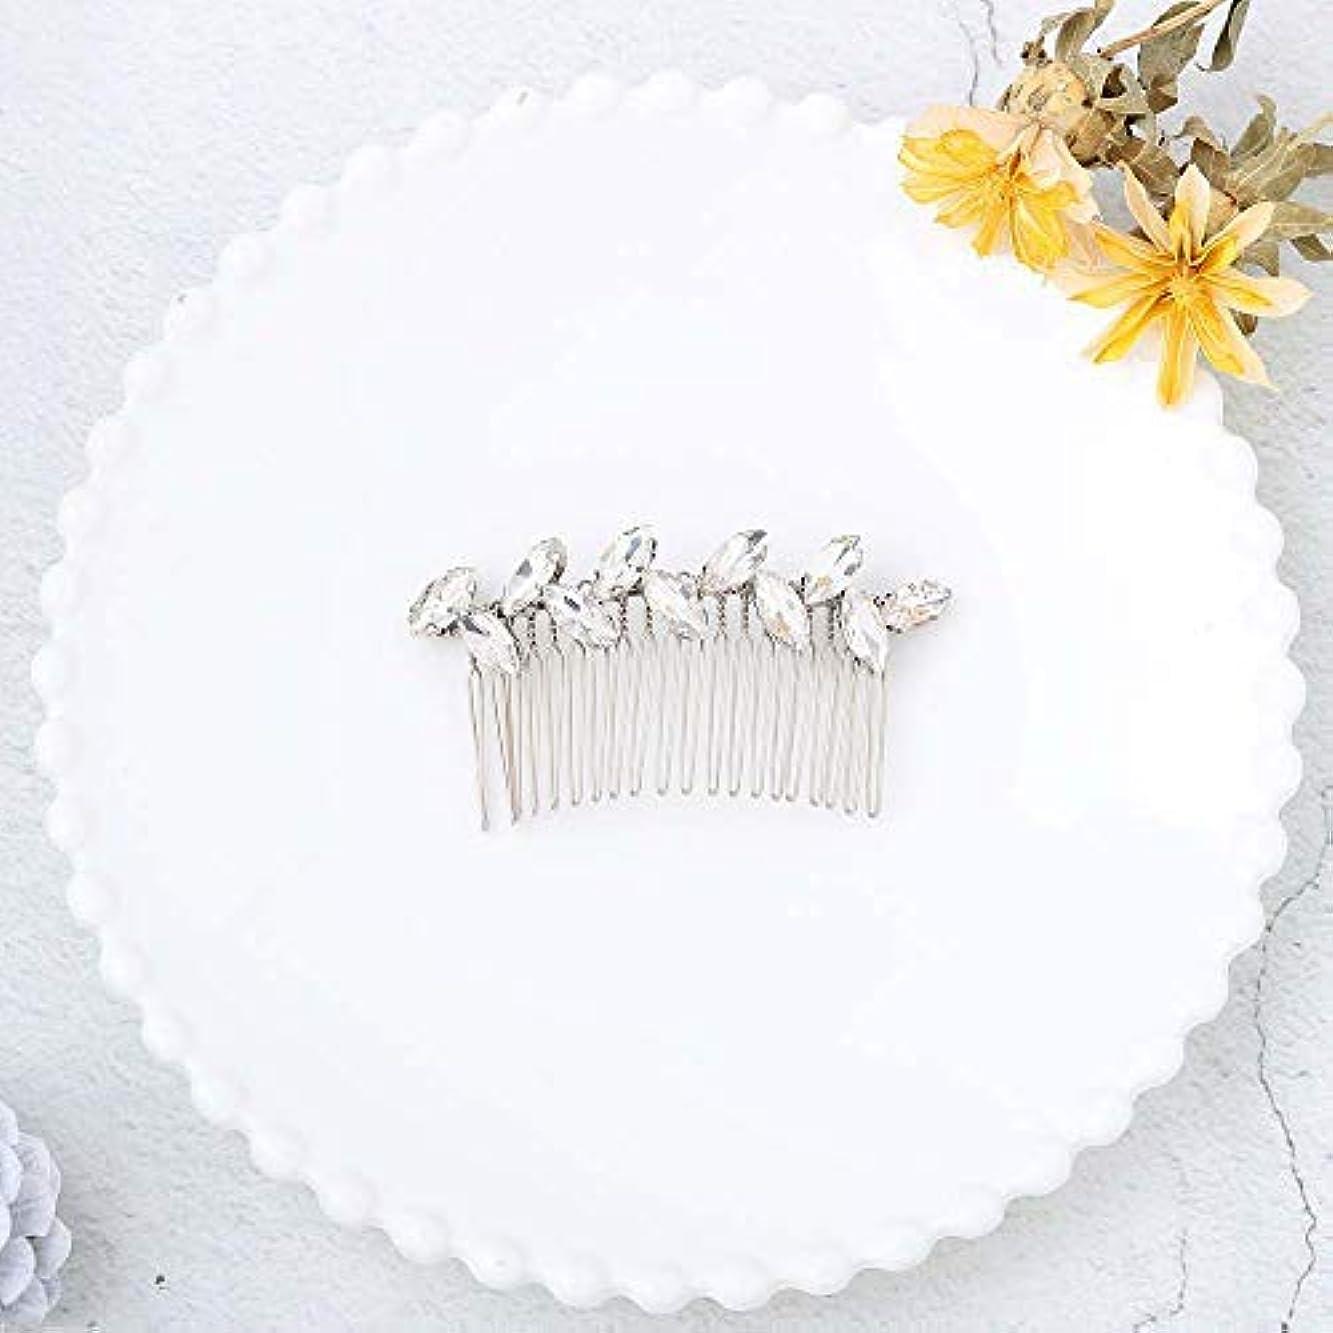 ポルノ刃思想Jovono Bride Wedding Hair Comb Bridal Headpieces with White Rhinestone for Women and Girls (Silver) [並行輸入品]